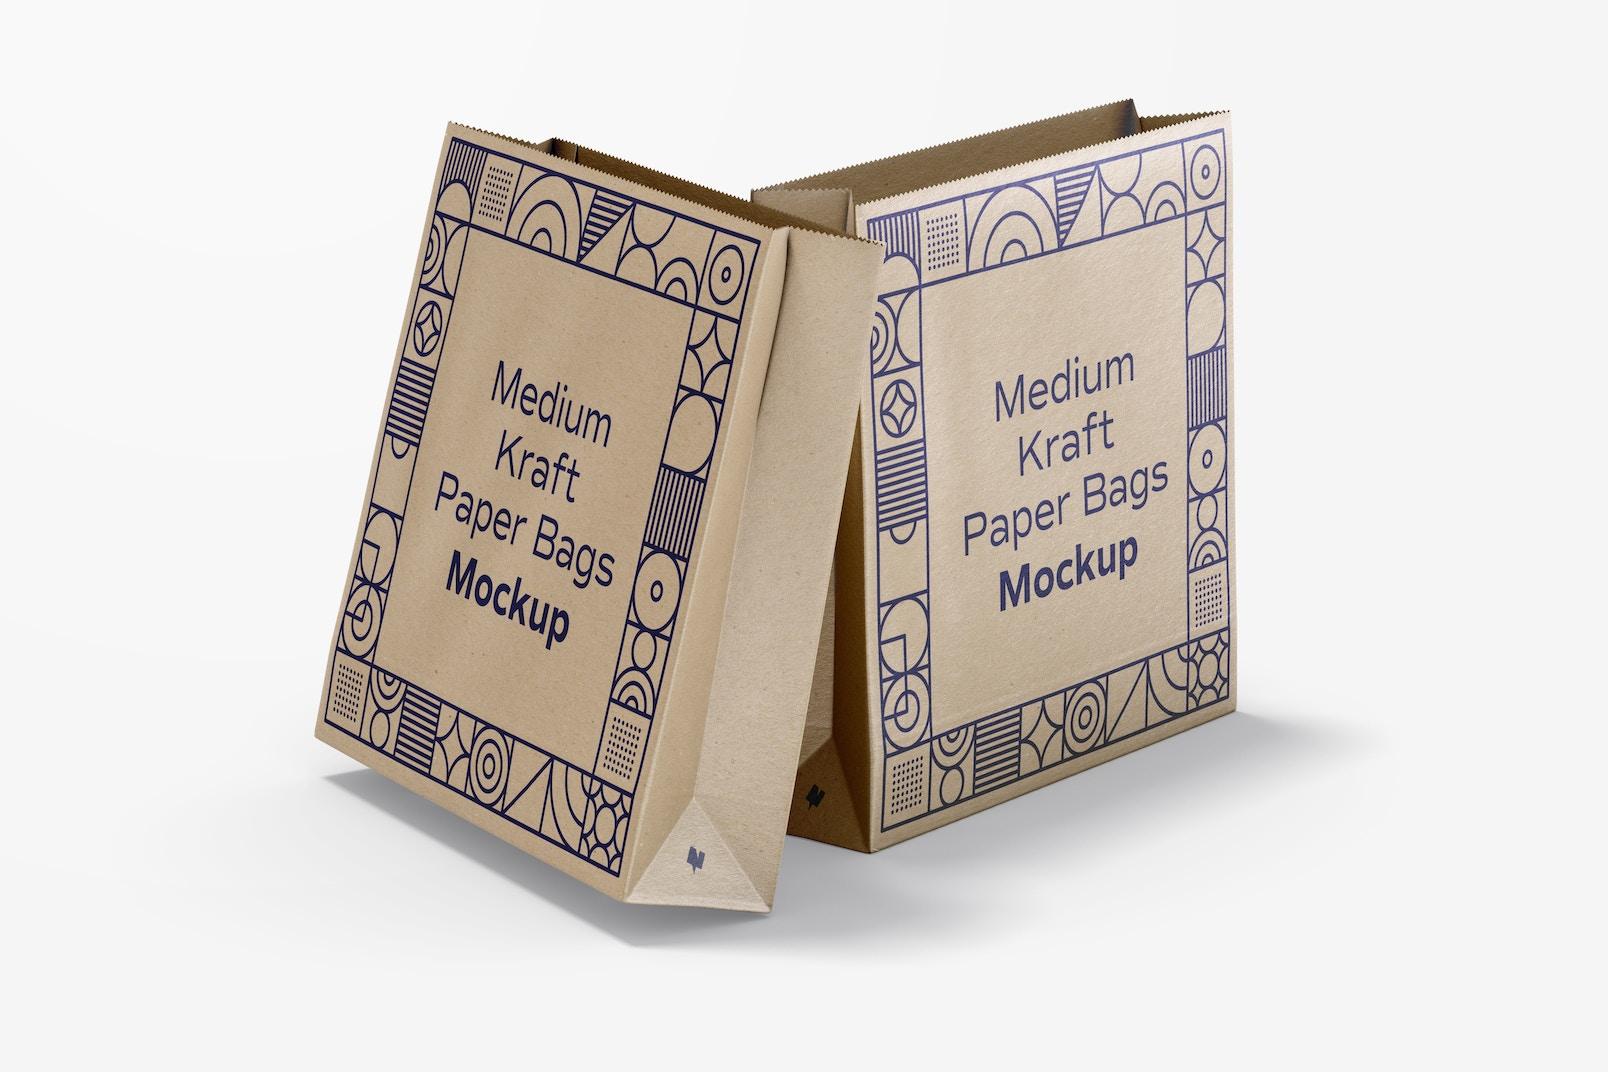 Medium Kraft Paper Bags Mockup, Front View